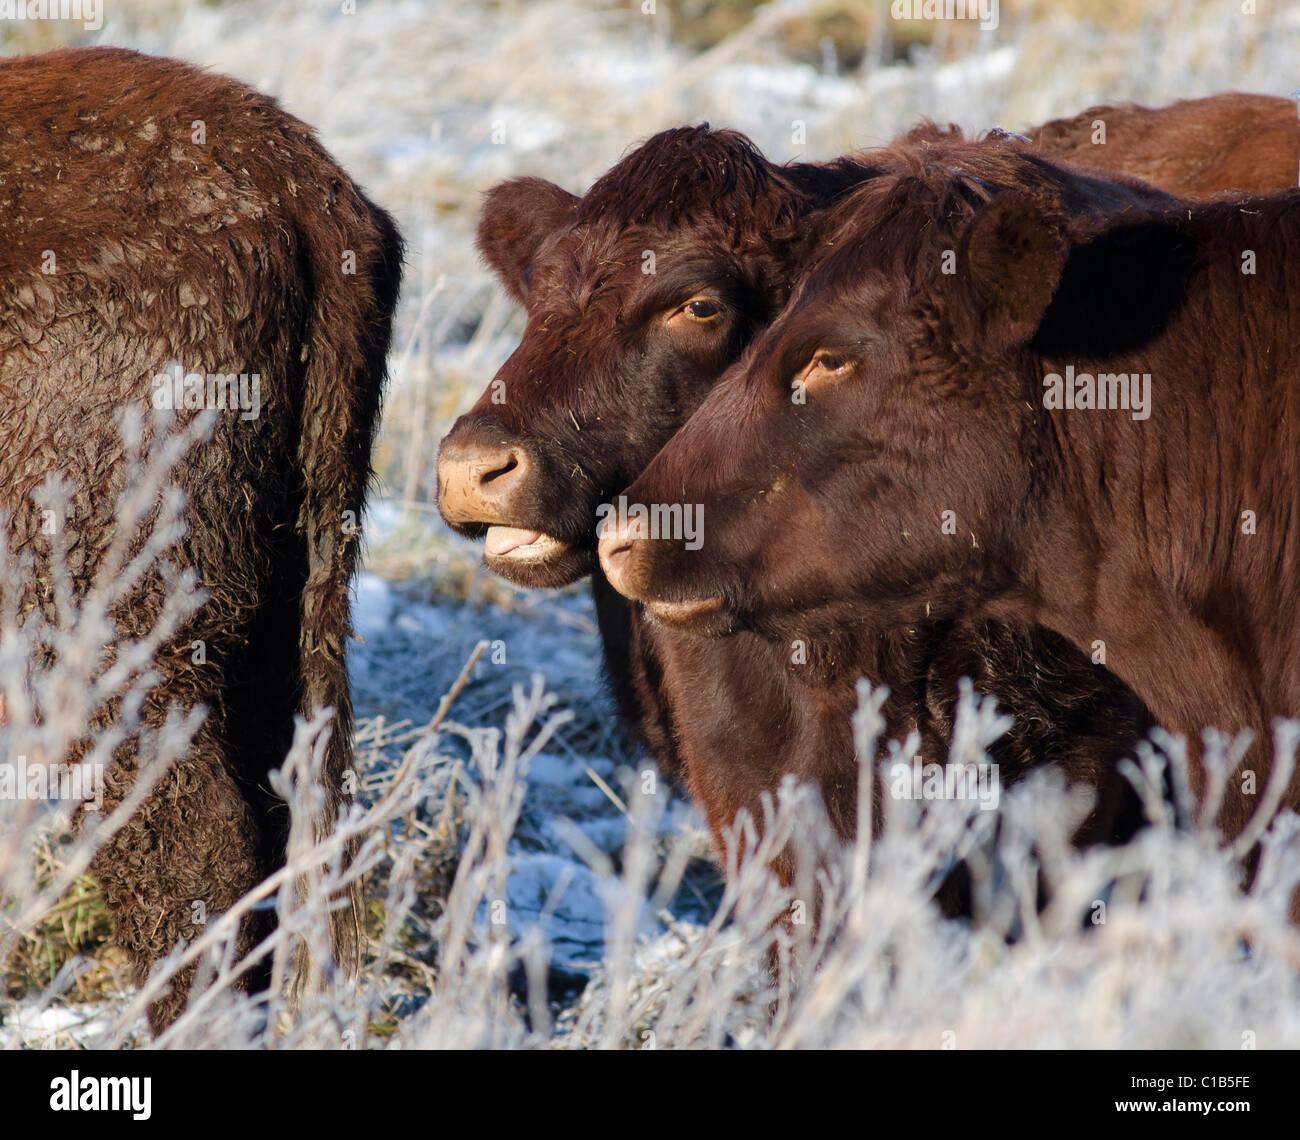 Kopf-Aufnahmen von zwei Lincoln rote Kühe zusammen in frostigen Bedingungen Stockbild